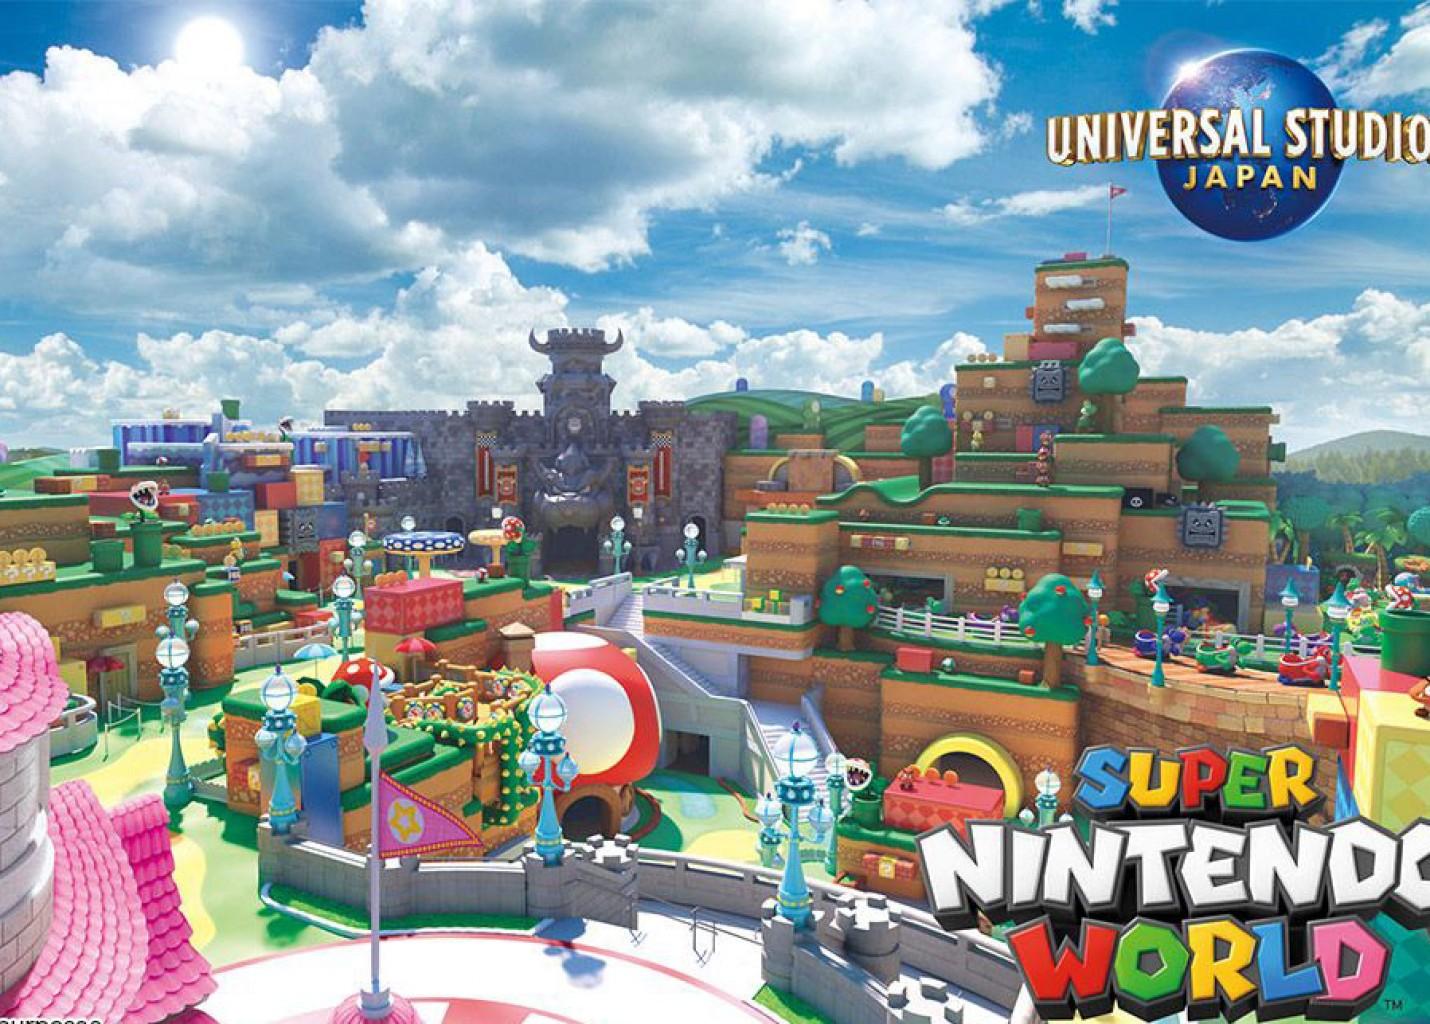 Universal Japão inaugura Super Nintendo World no início de 2021